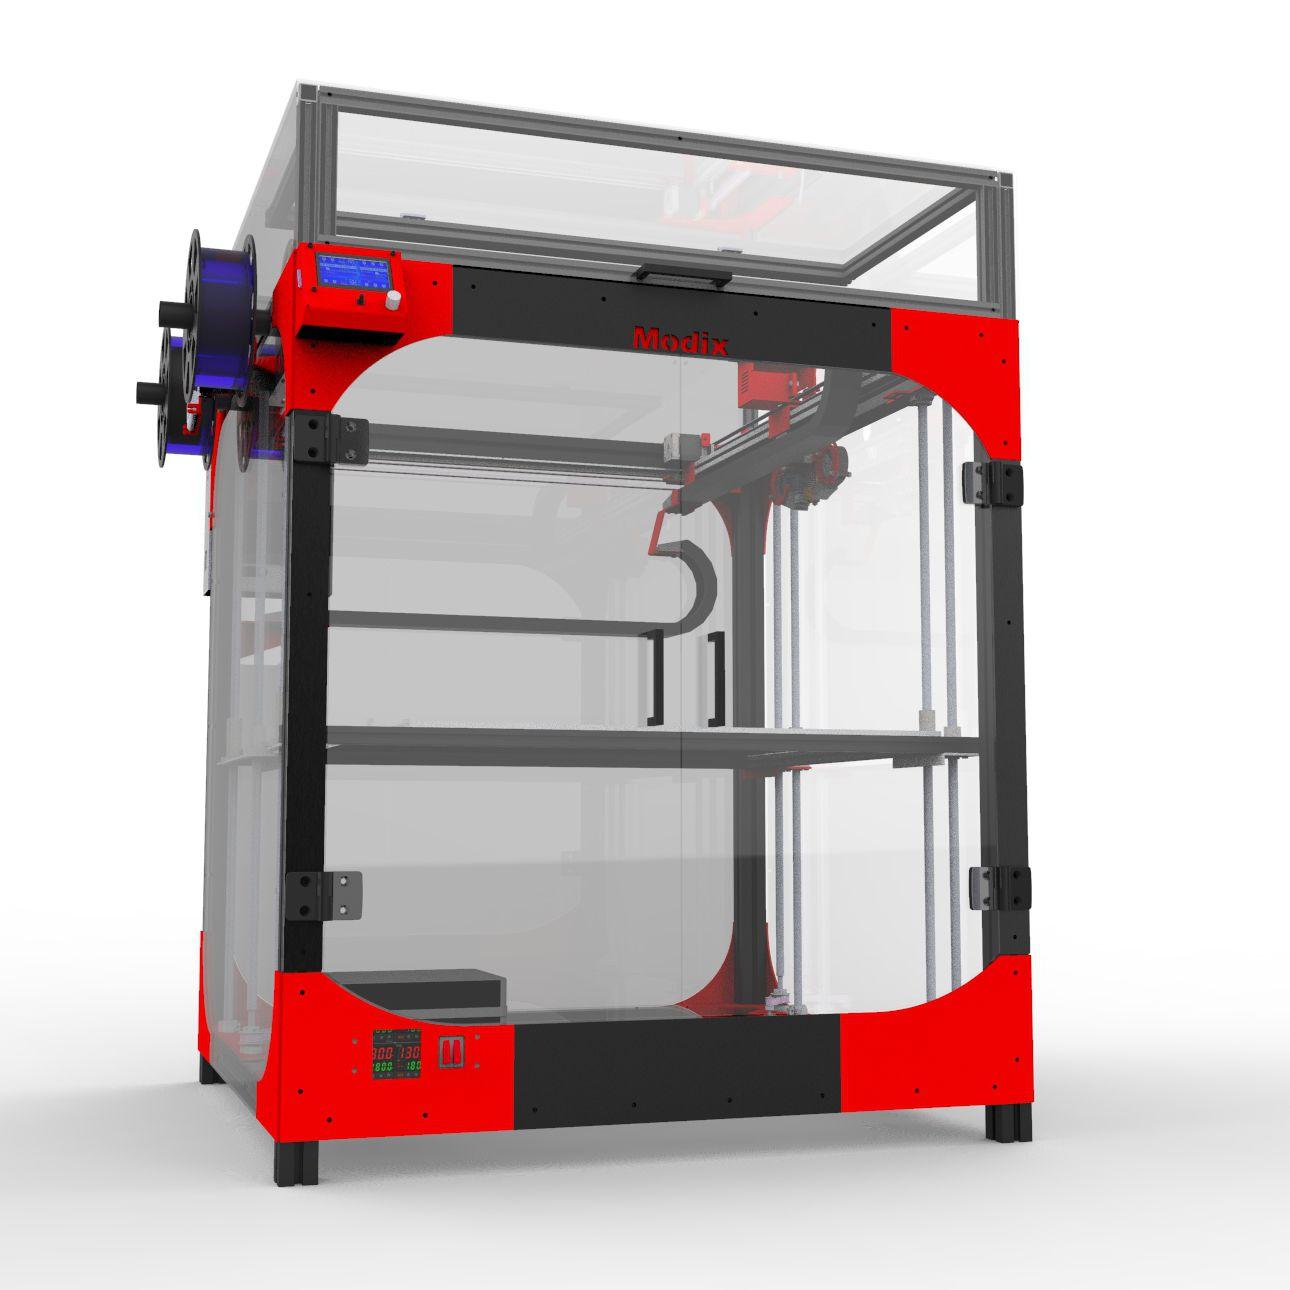 Imprimante 3D : Quel est son coût ?